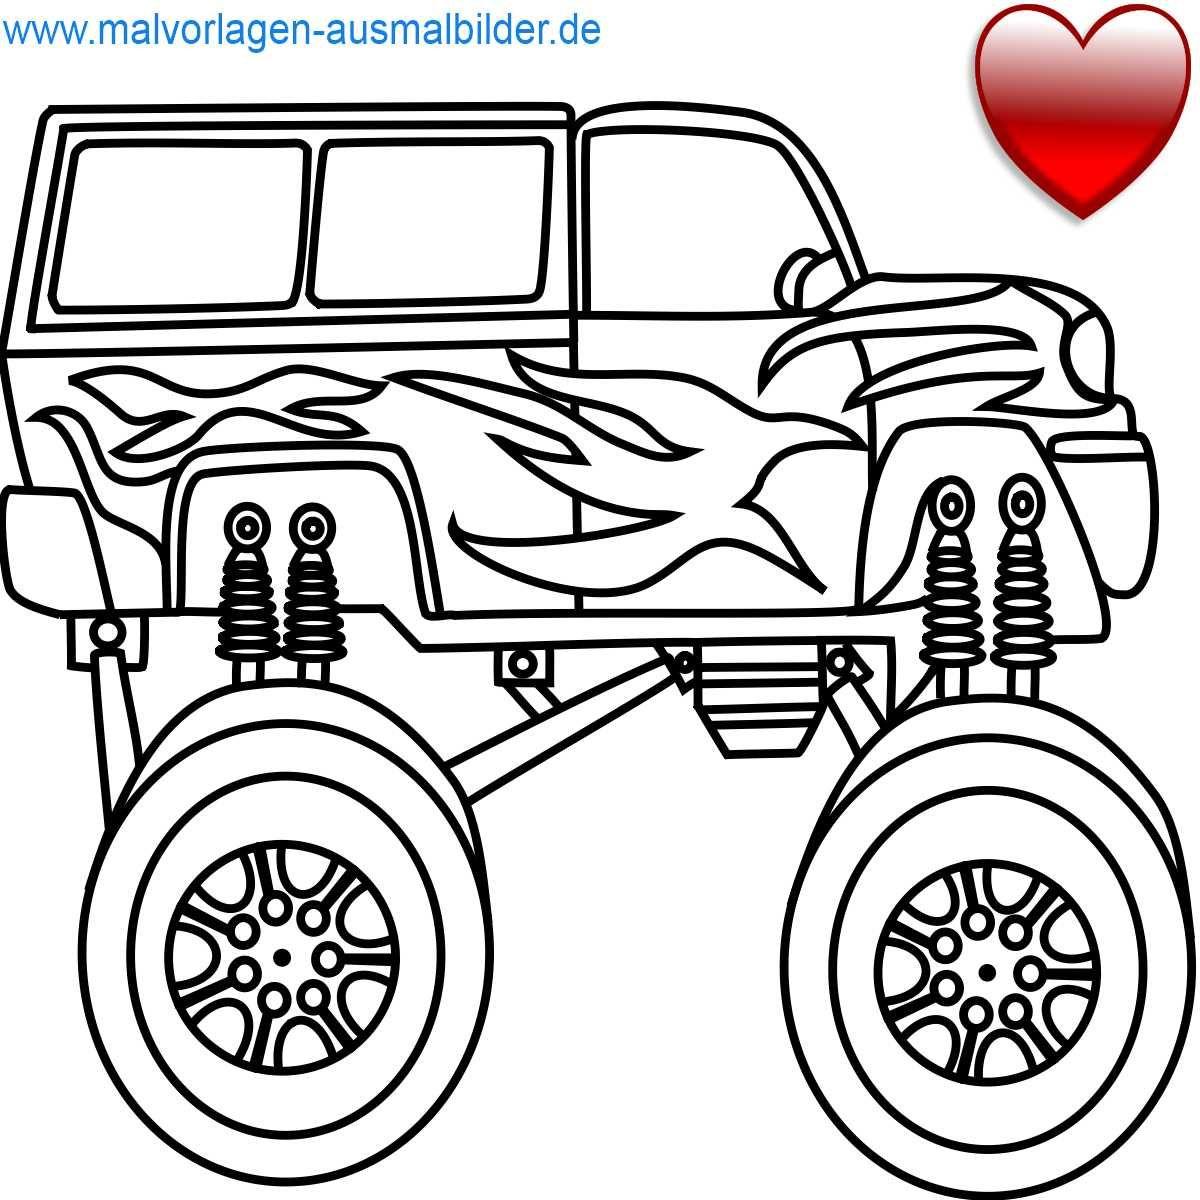 Ausmalbilder Playmobil Autos Https Www Ausmalbilder Co Ausmalbilder Playmobil Autos 2 Ausmalbilder Ausmalen Malbilder